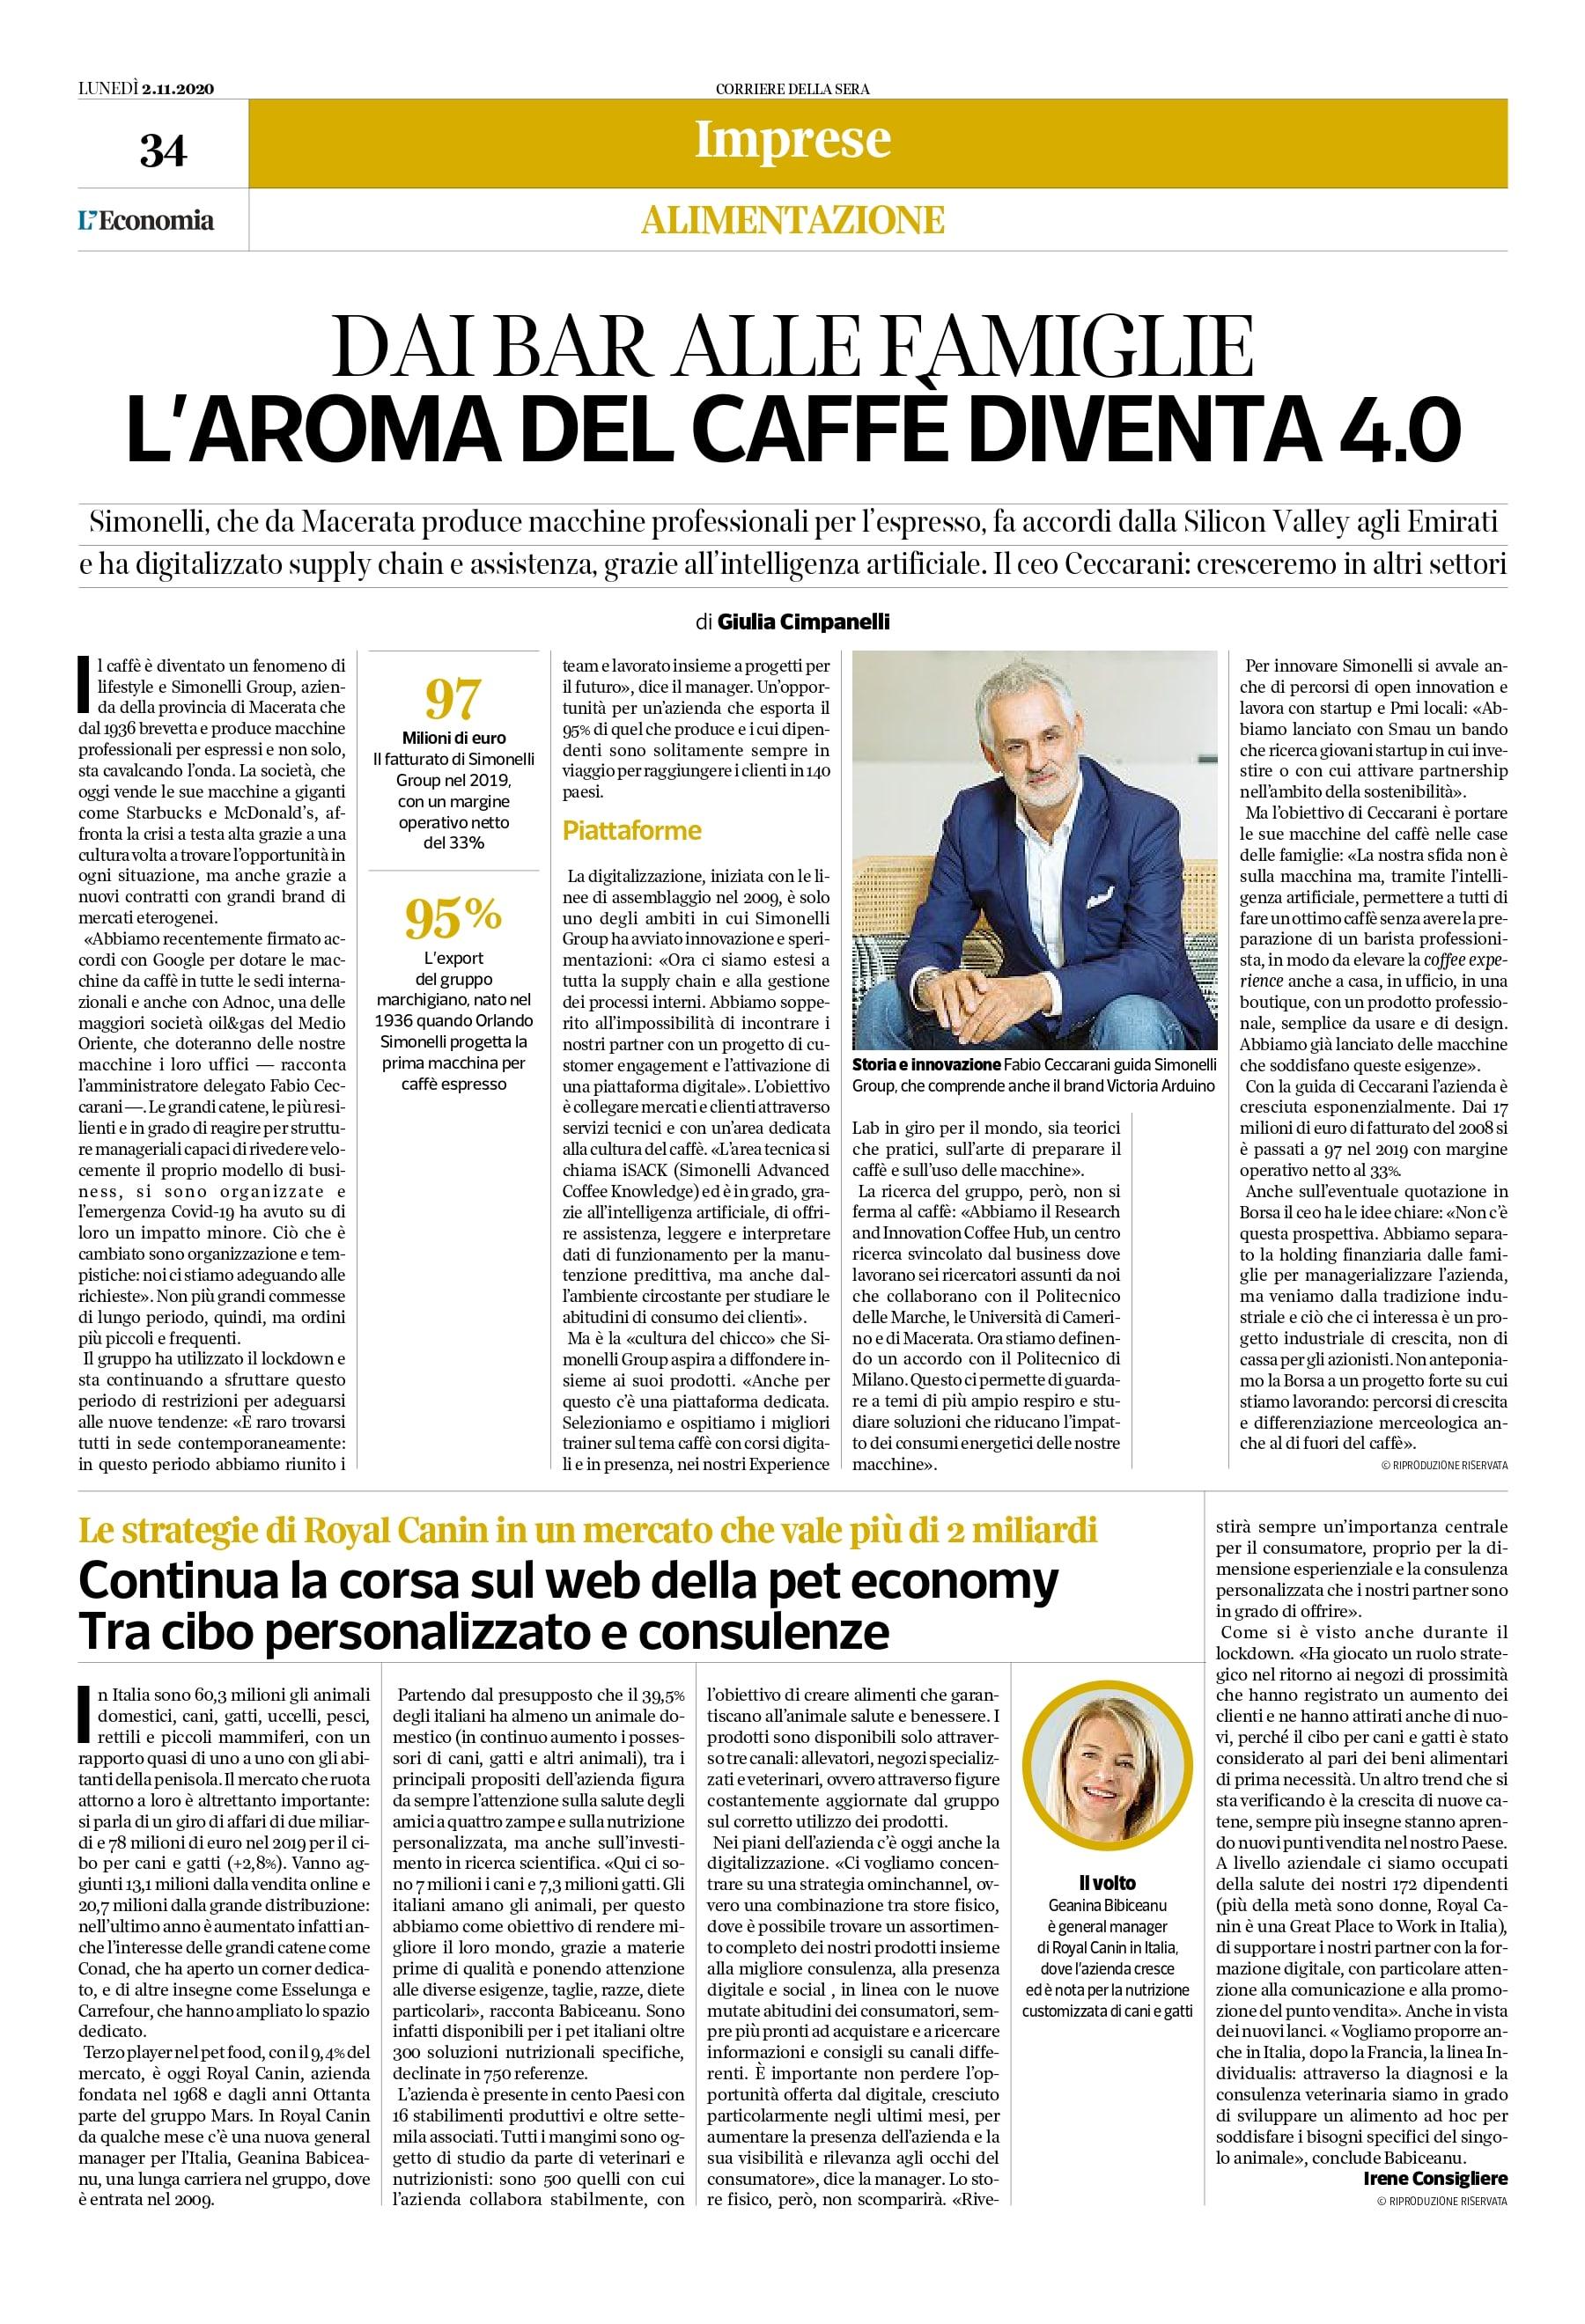 Corriere della Sera - articolo Simonelli Group_page-0001-min